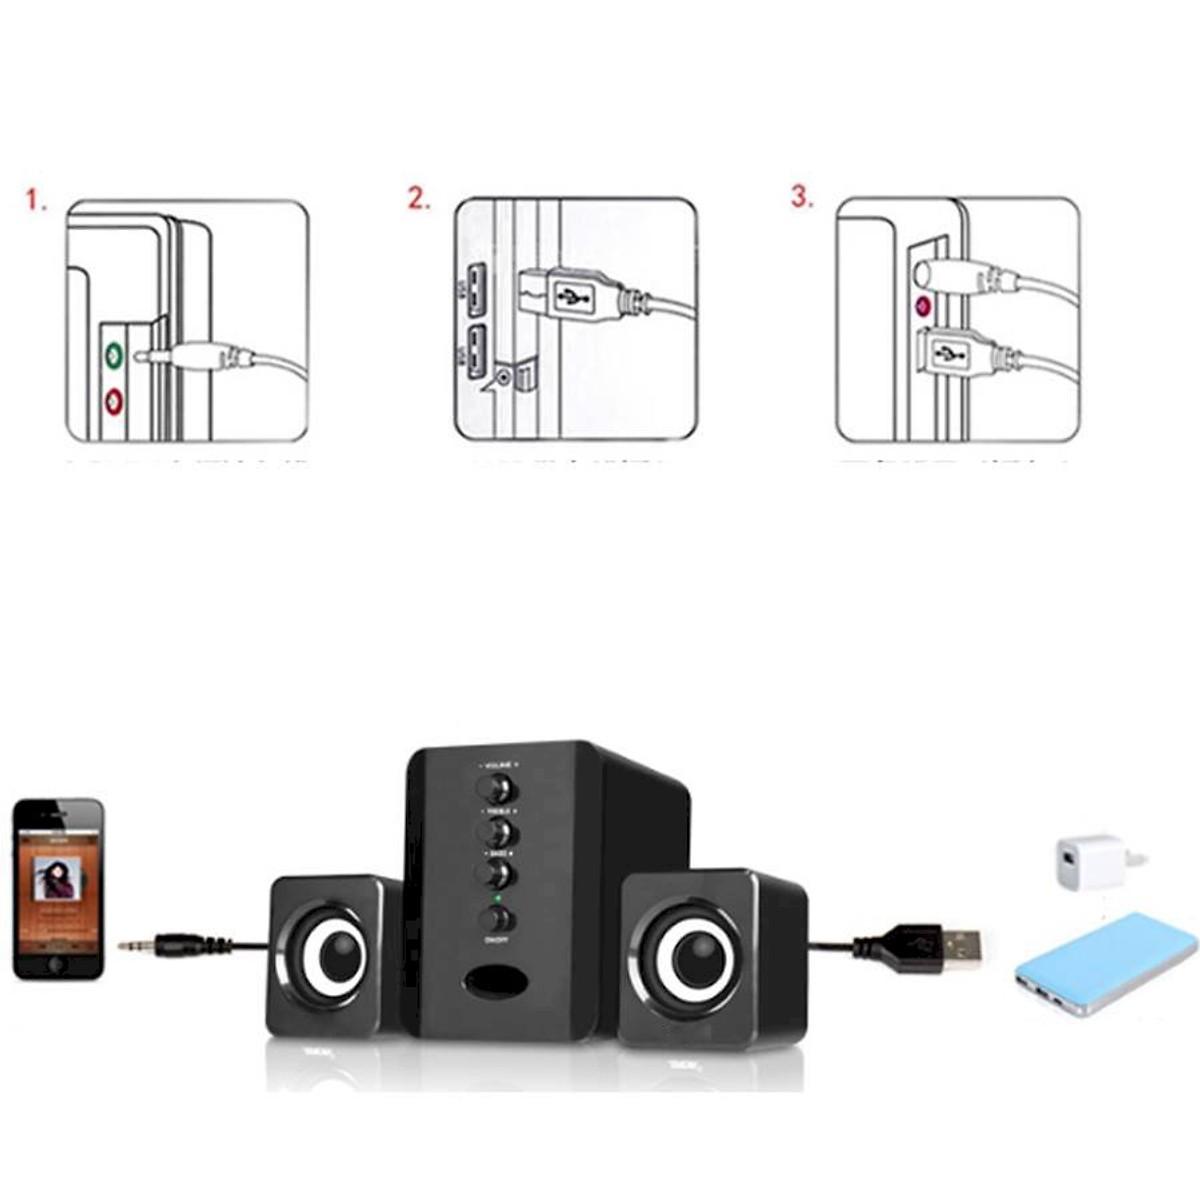 Combo Bộ 3 Loa Máy Tính USB D-202 + Hộp Quẹt Bật Lửa Khò Kiêm Đồng Hồ Cầm Tay (Màu Ngẫu Nhiên)